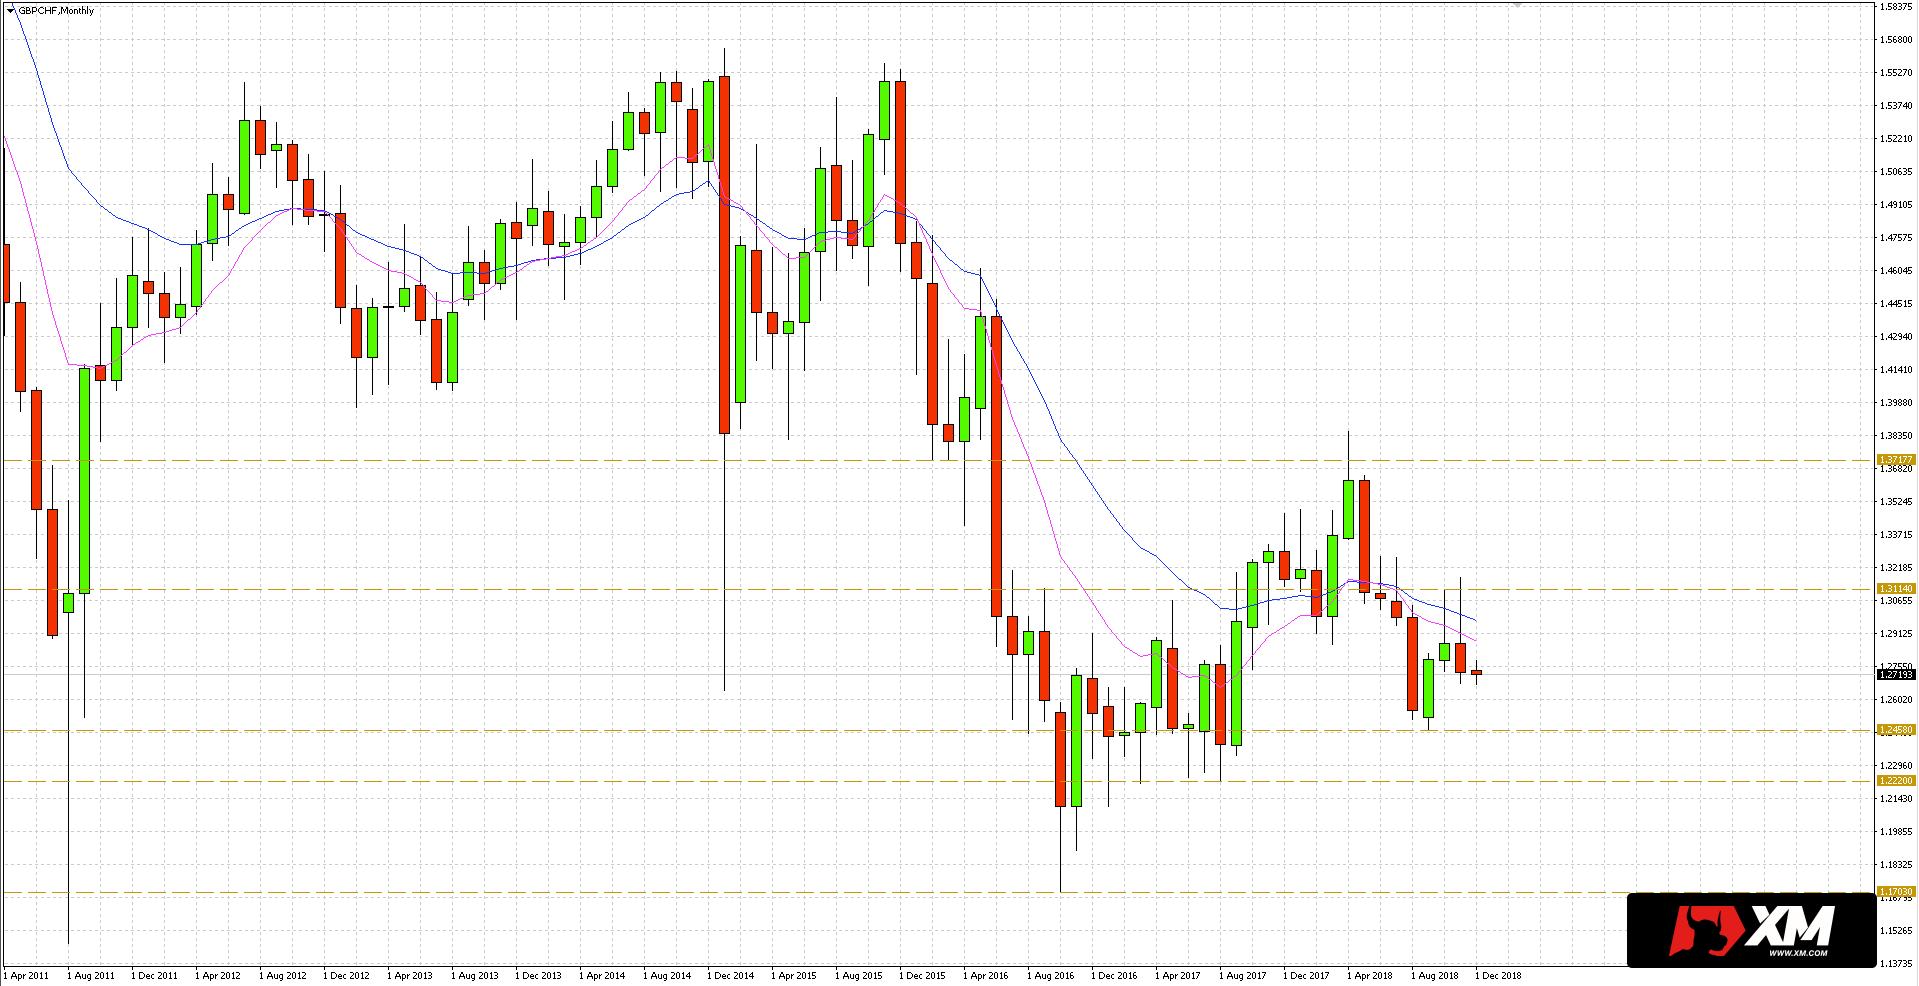 Funt szterling (GBP) w relacji do franka (CHF) w ubiegłym miesiącu wyznaczył najpierw nowe szczyty, by następnie osunąć się do nowego dołka